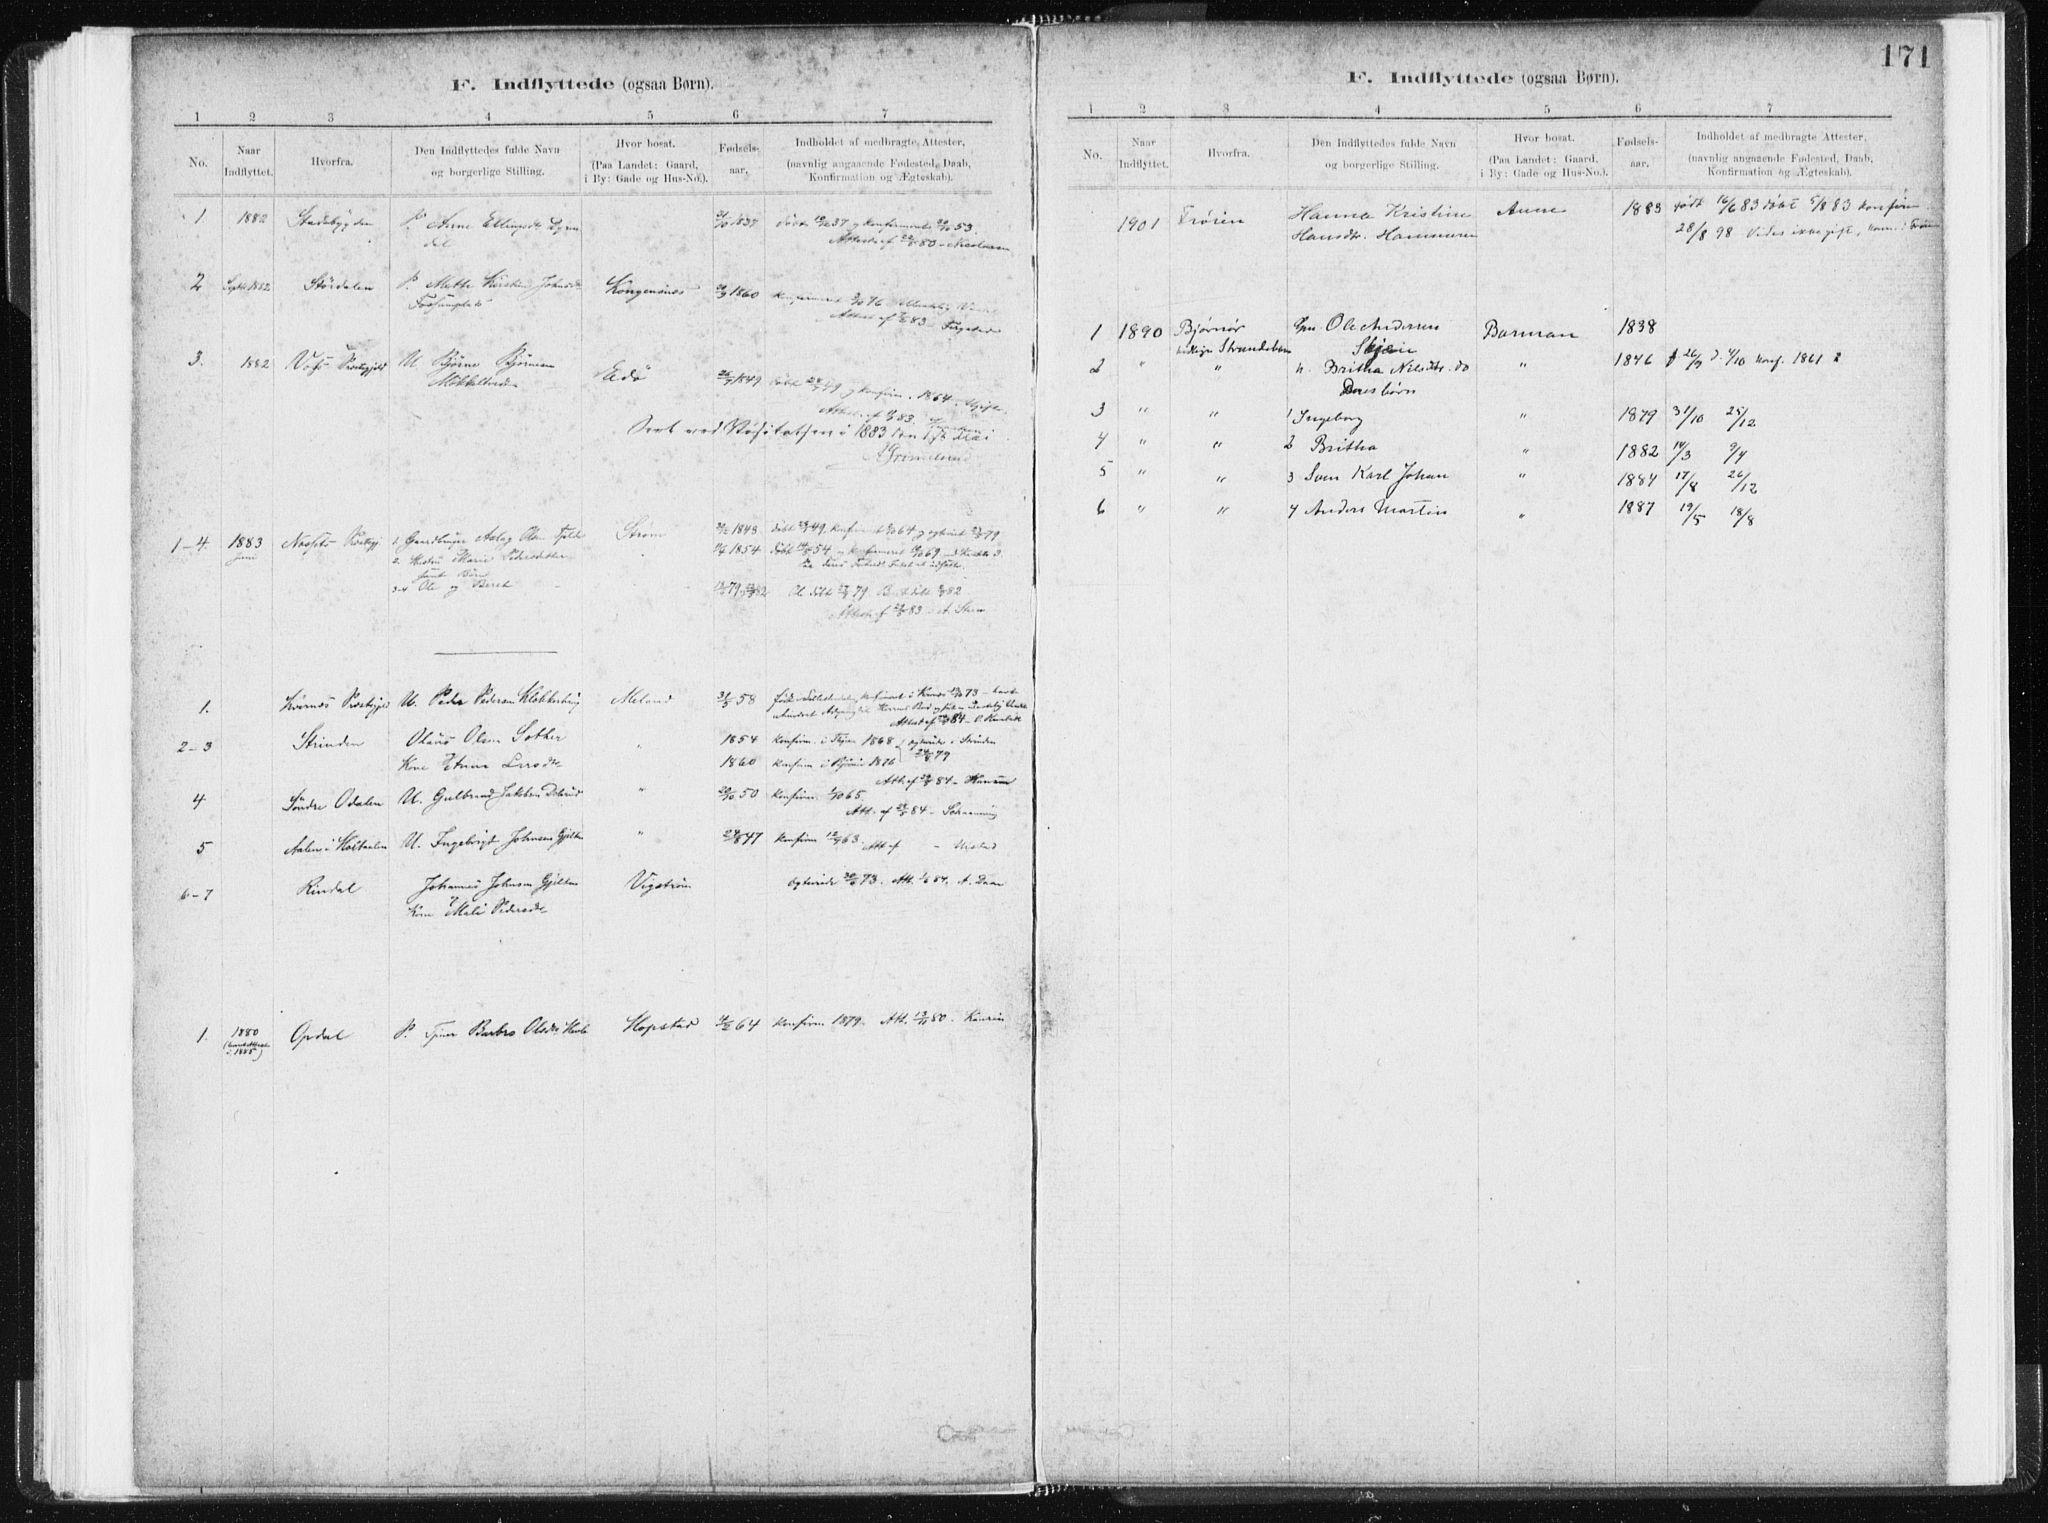 SAT, Ministerialprotokoller, klokkerbøker og fødselsregistre - Sør-Trøndelag, 634/L0533: Ministerialbok nr. 634A09, 1882-1901, s. 171